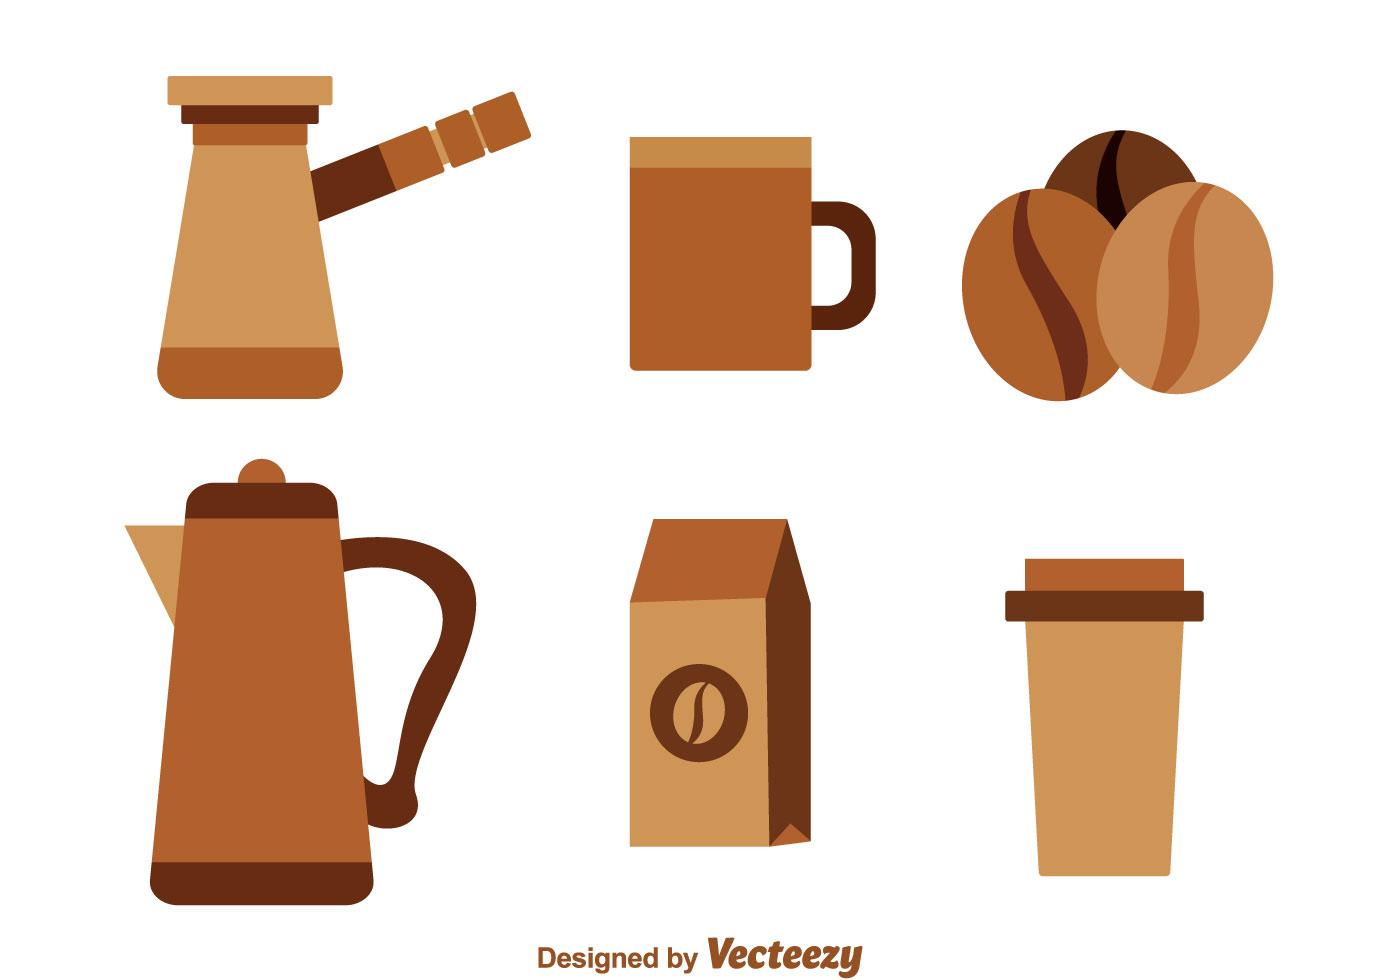 咖啡q版 免費下載 | 天天瘋後製